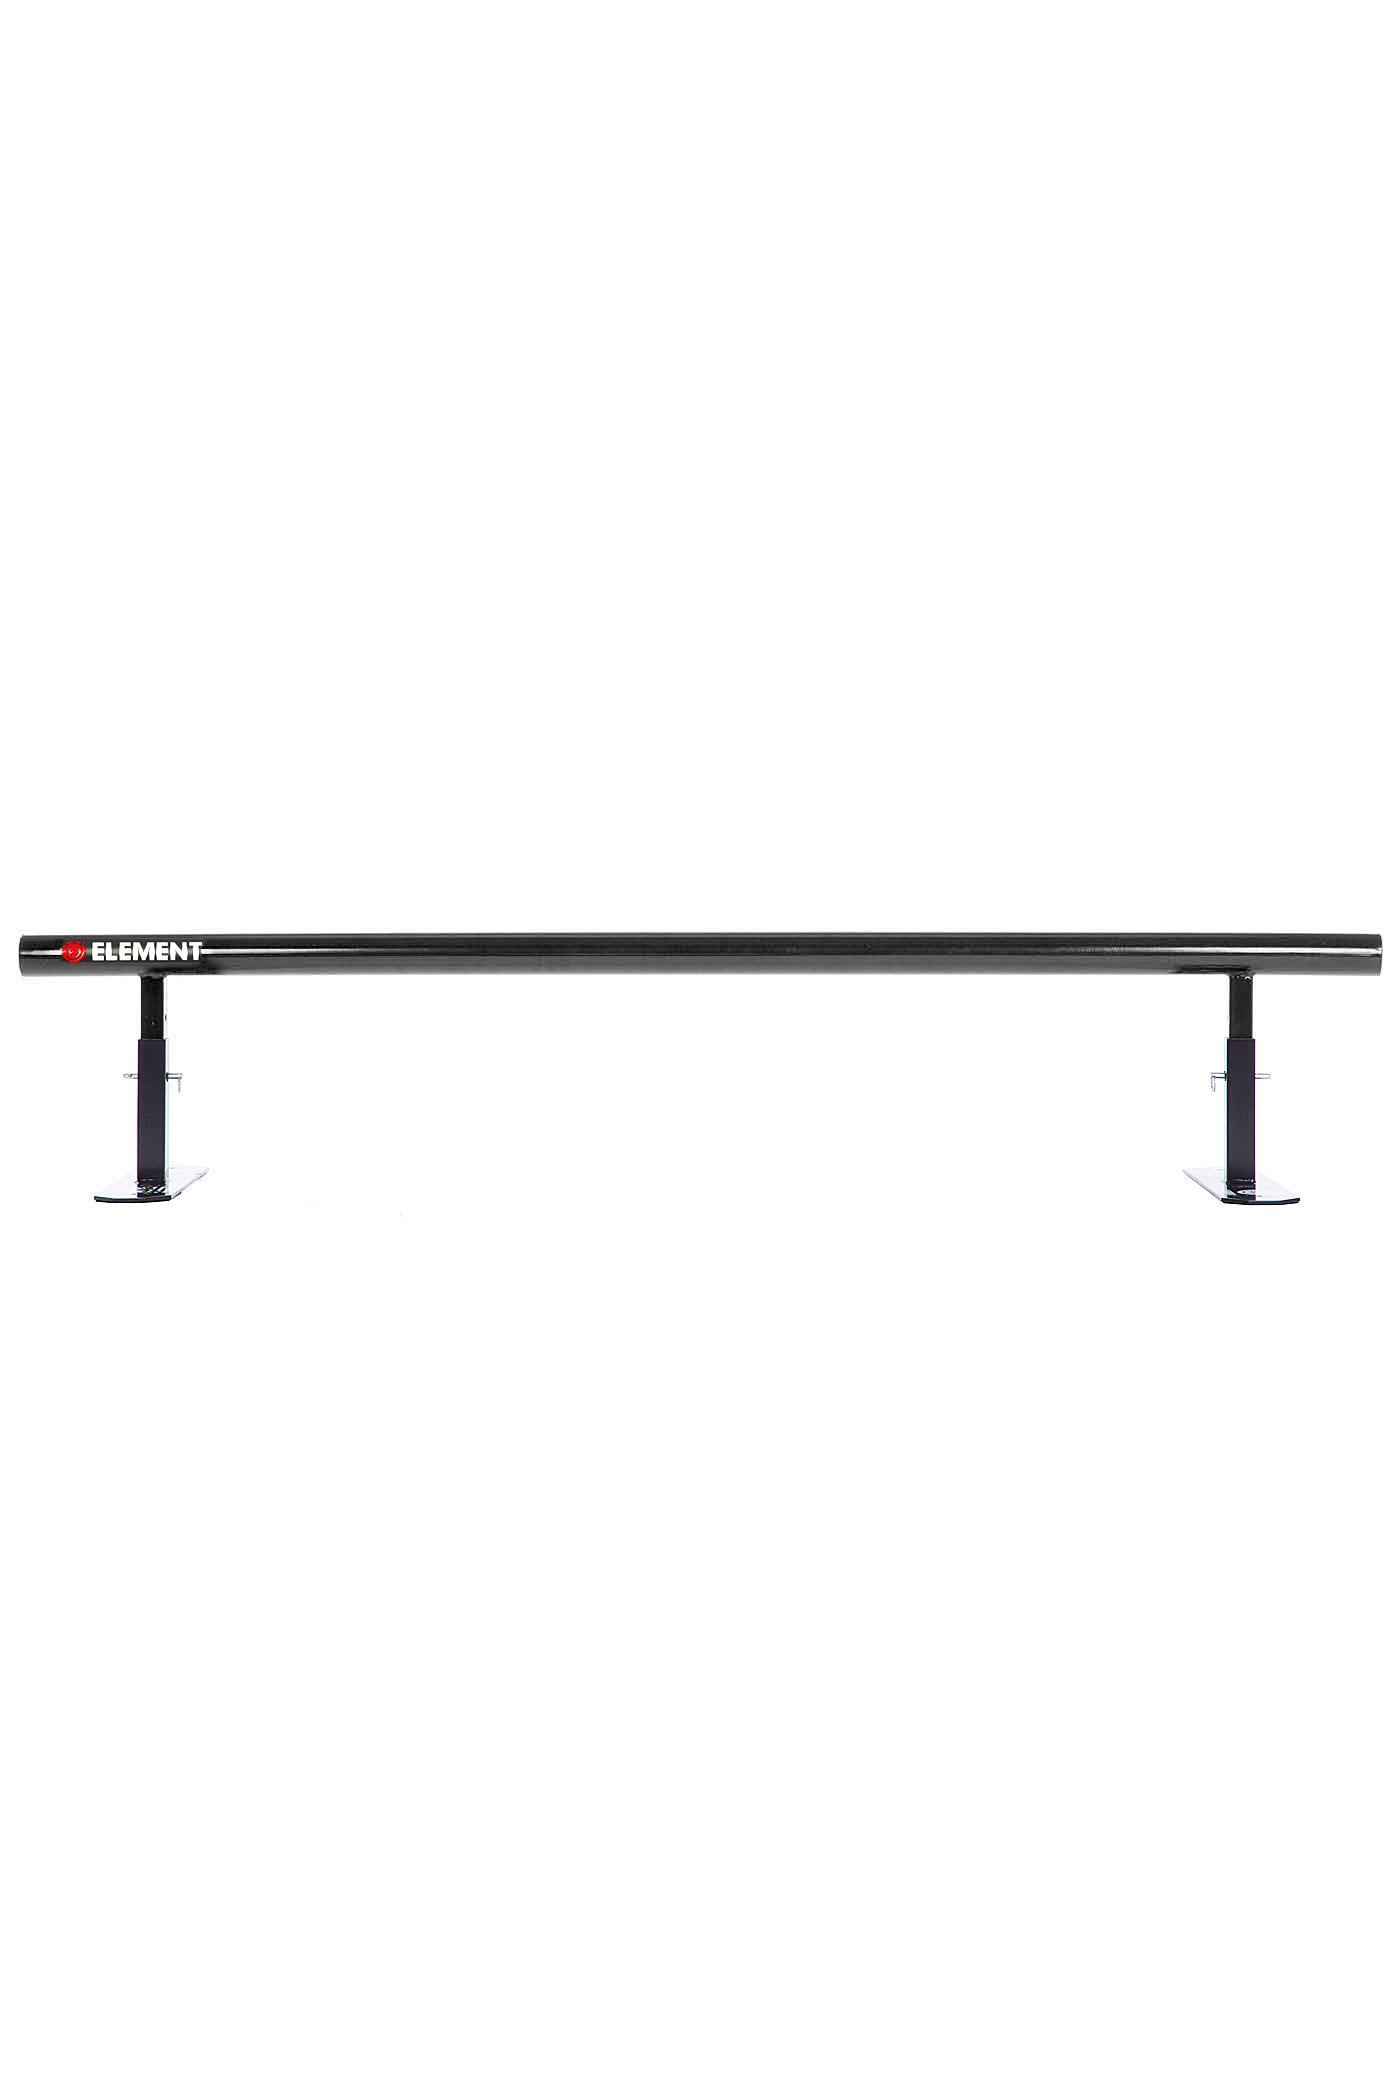 element round rail black kaufen bei skatedeluxe. Black Bedroom Furniture Sets. Home Design Ideas